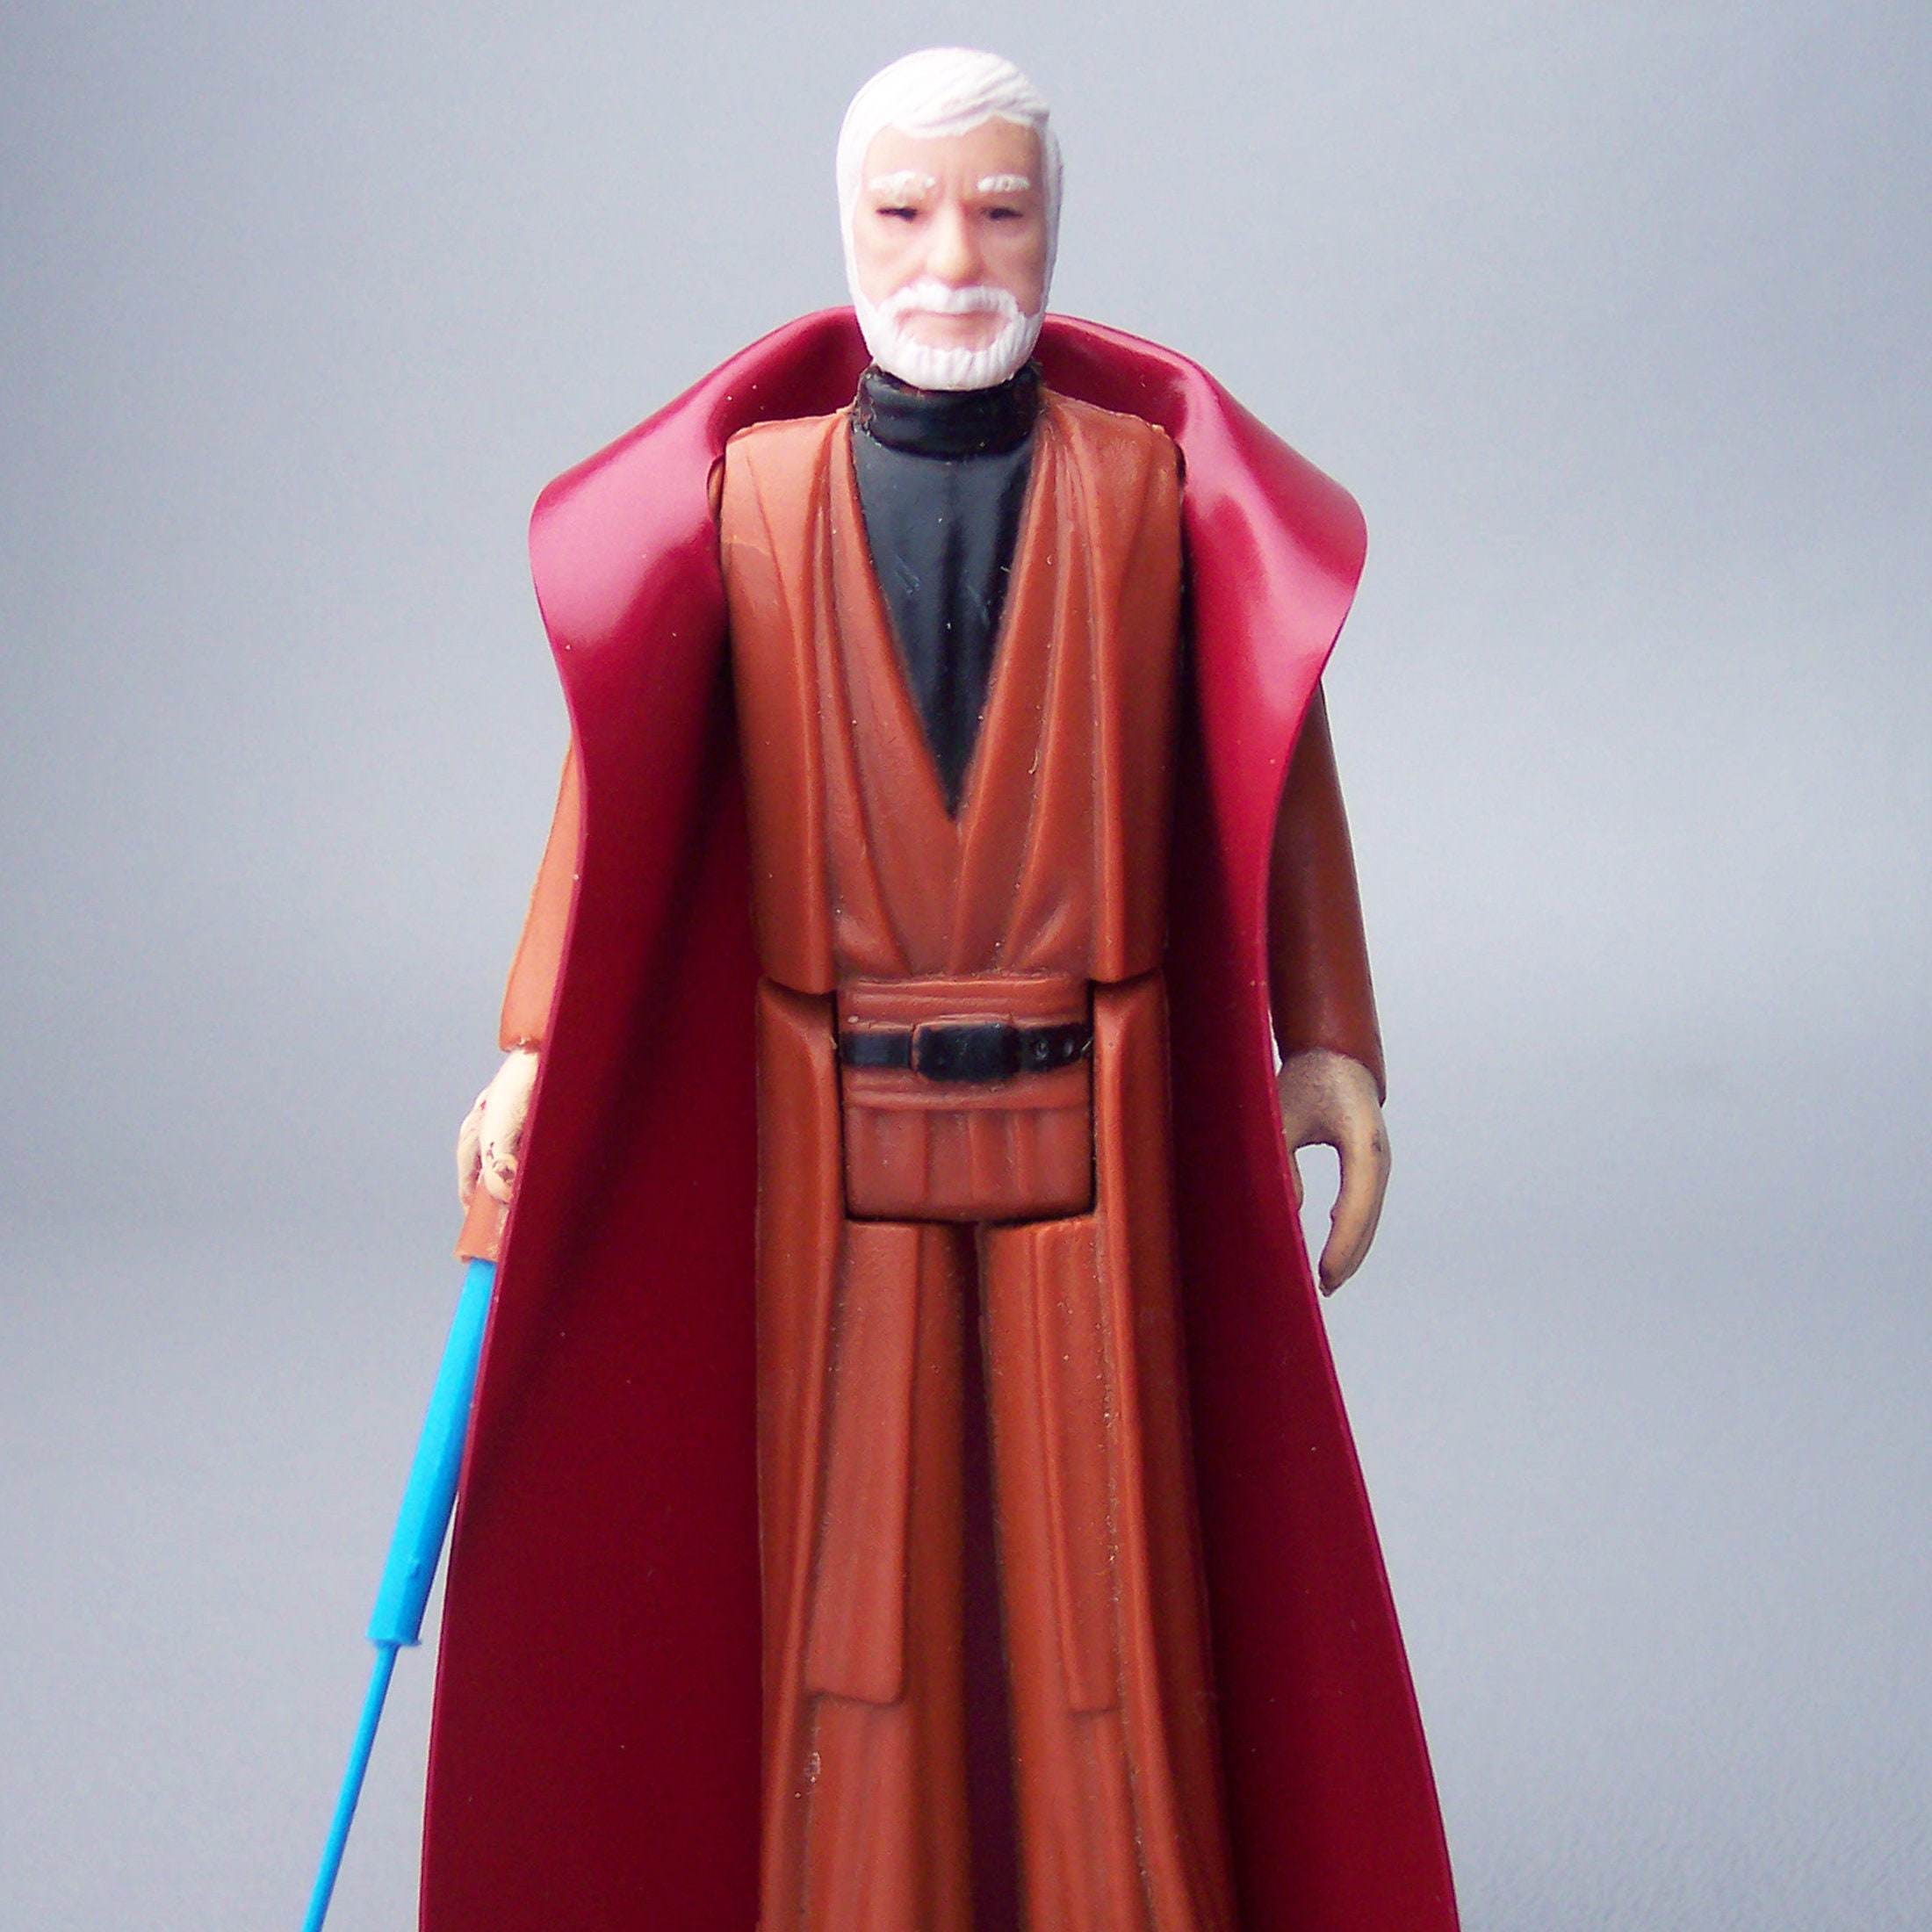 PAINTED Ben Obi Wan Kenobi Lightsaber  Repro Weapon   Star Wars Figures